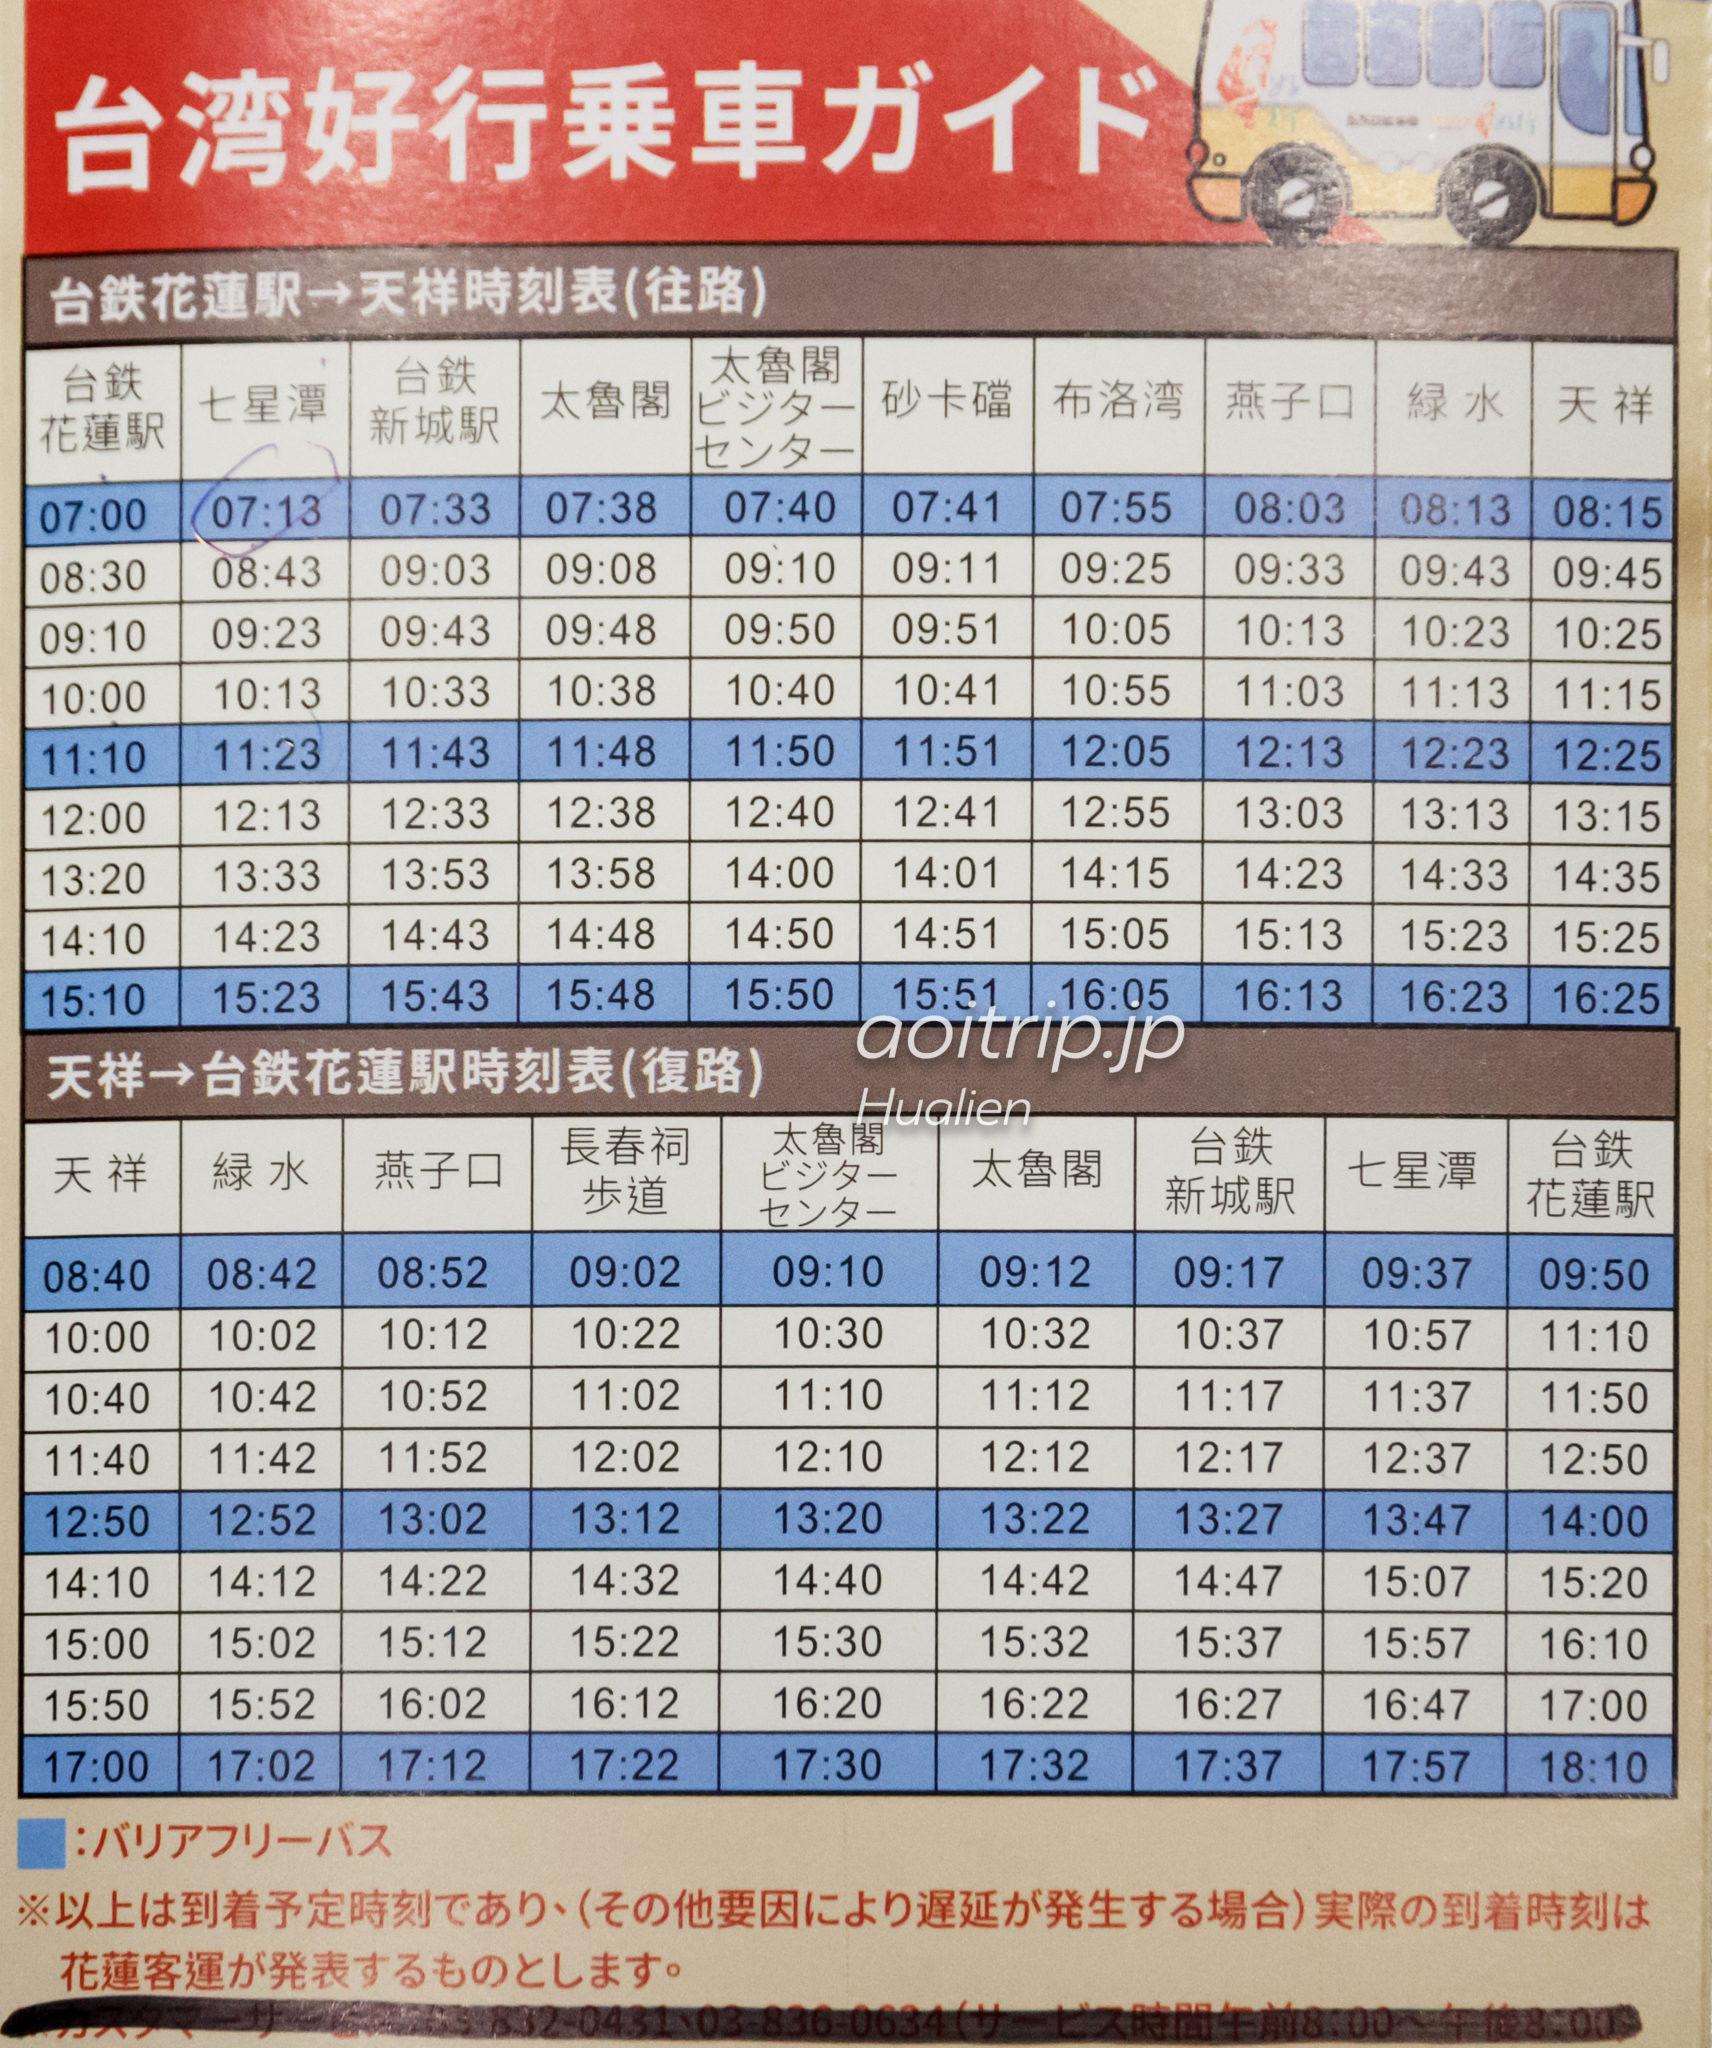 花蓮のバス1133A線の時刻表